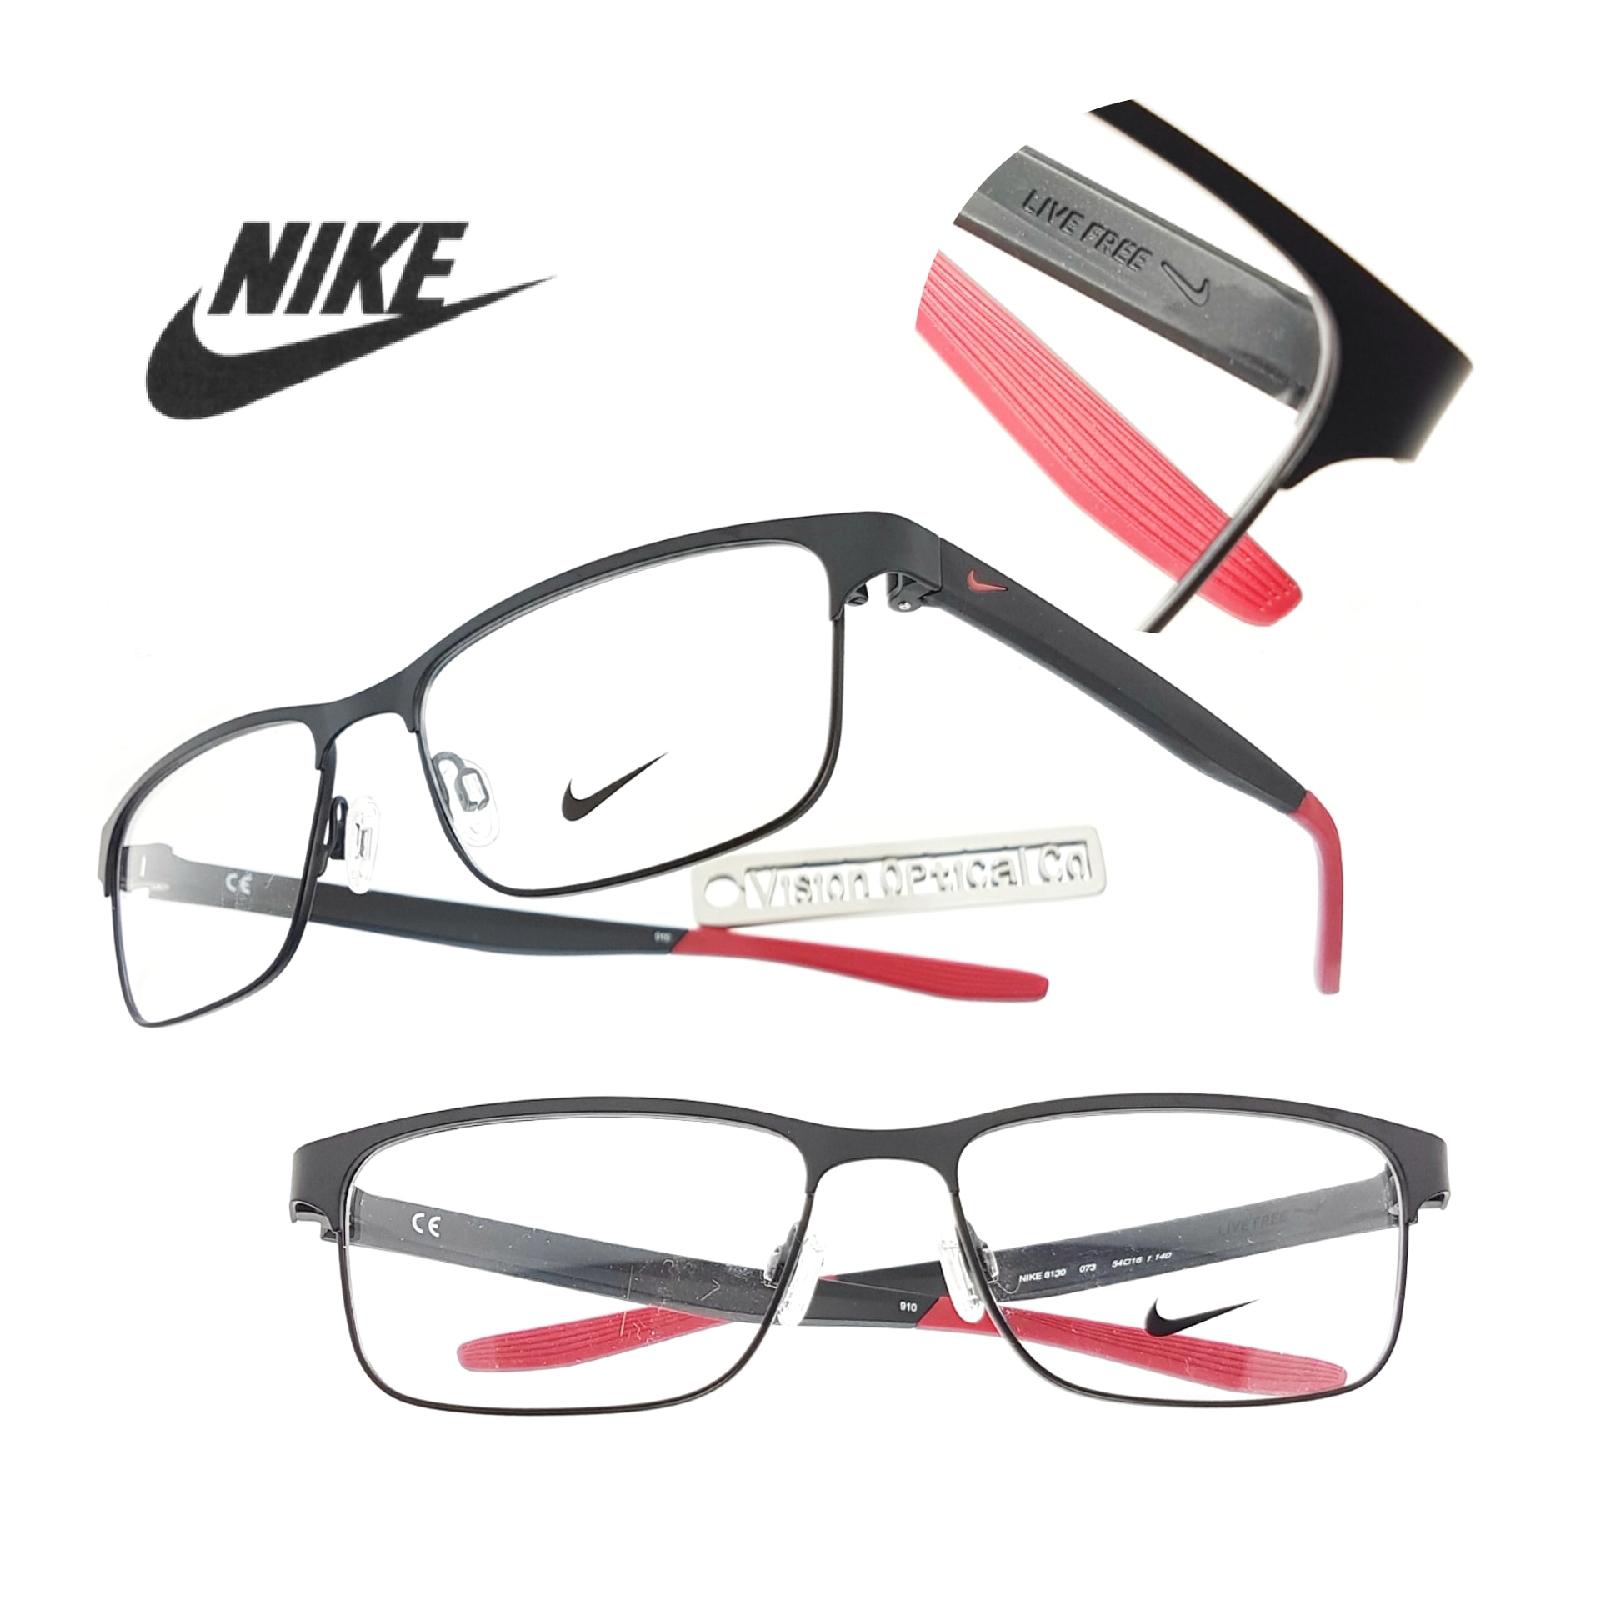 精明眼鏡公司: NIKE 眼鏡